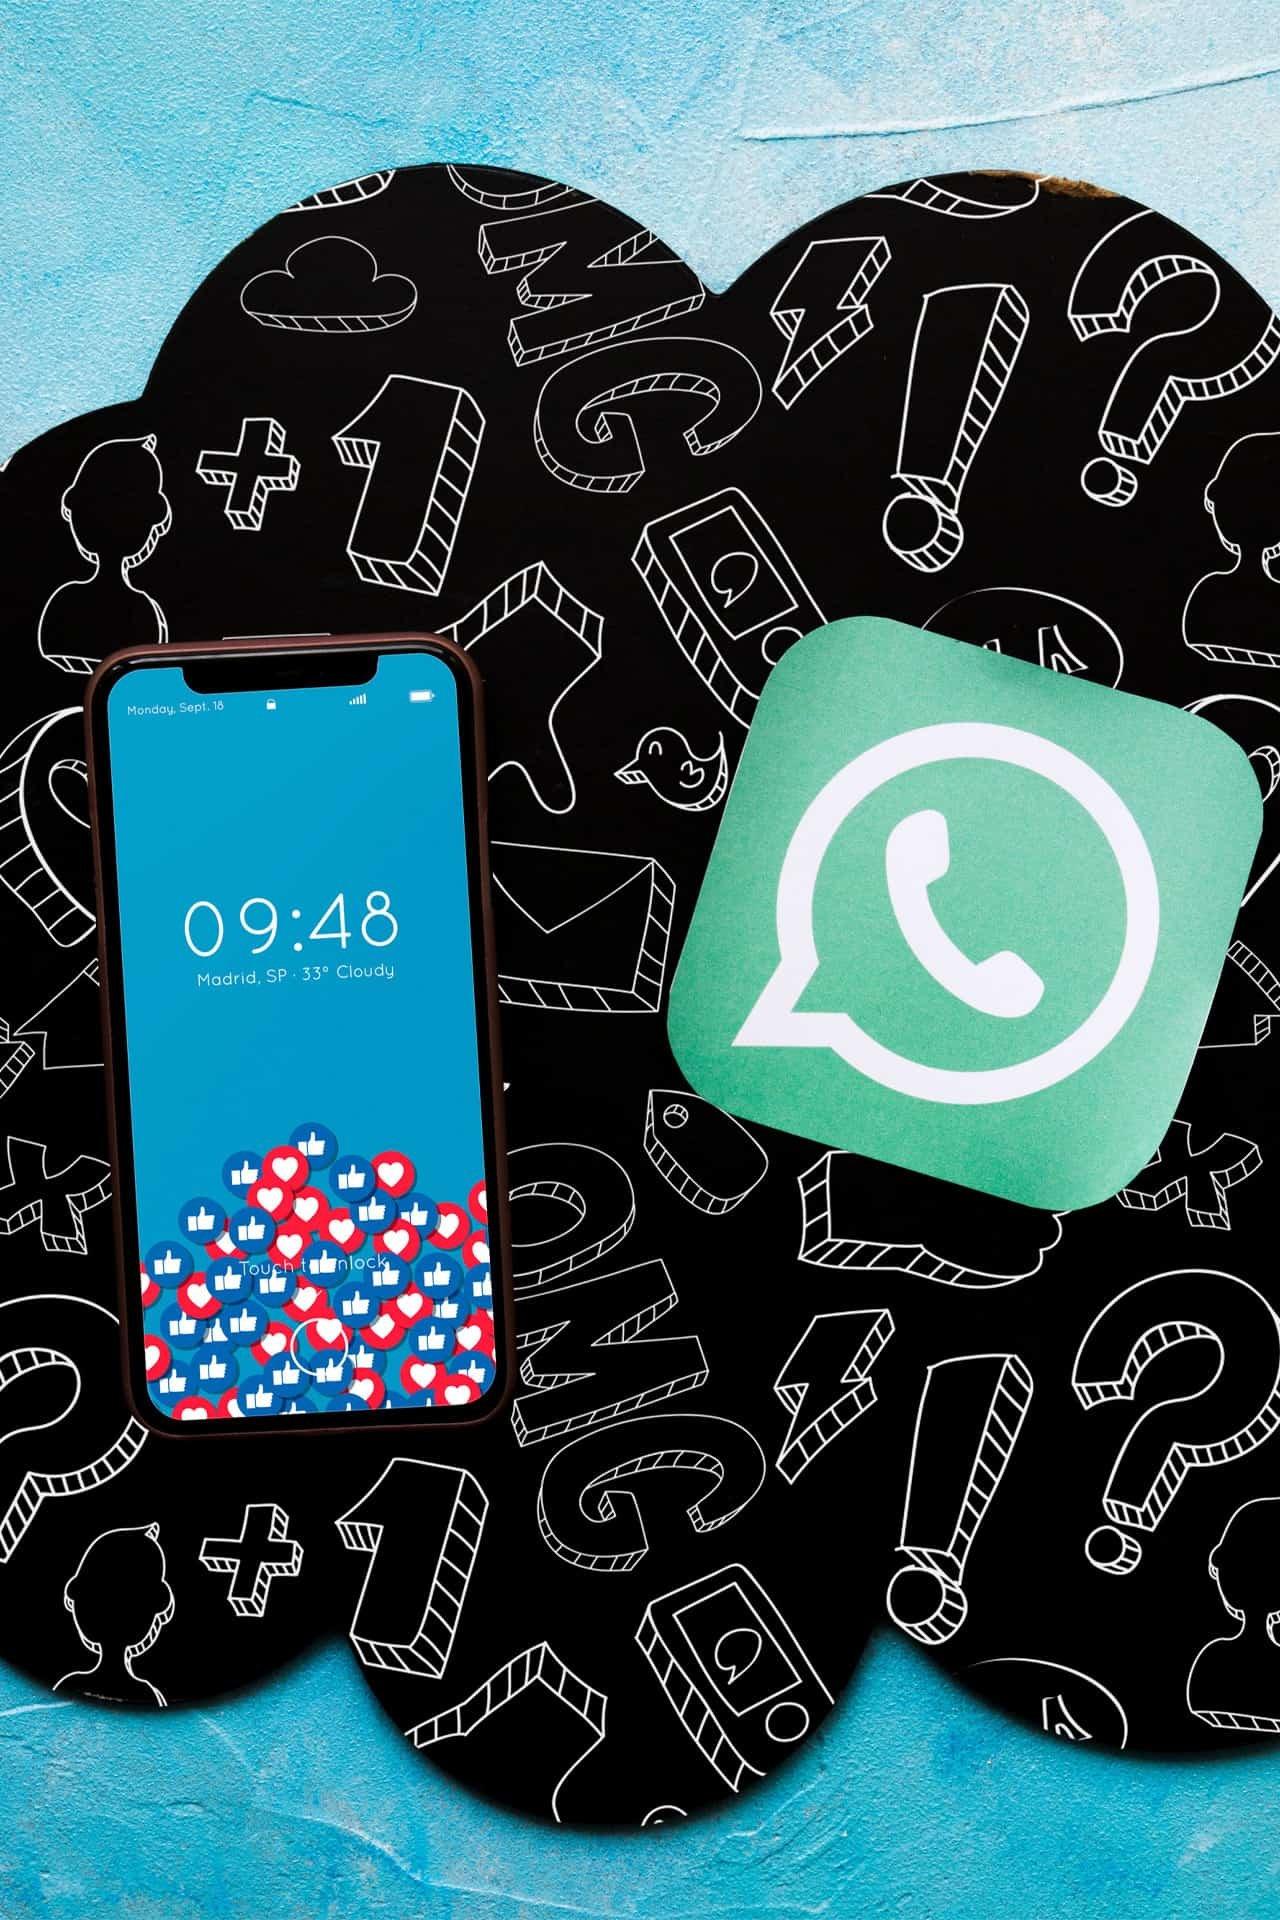 messaggi autodistruzione whatsapp